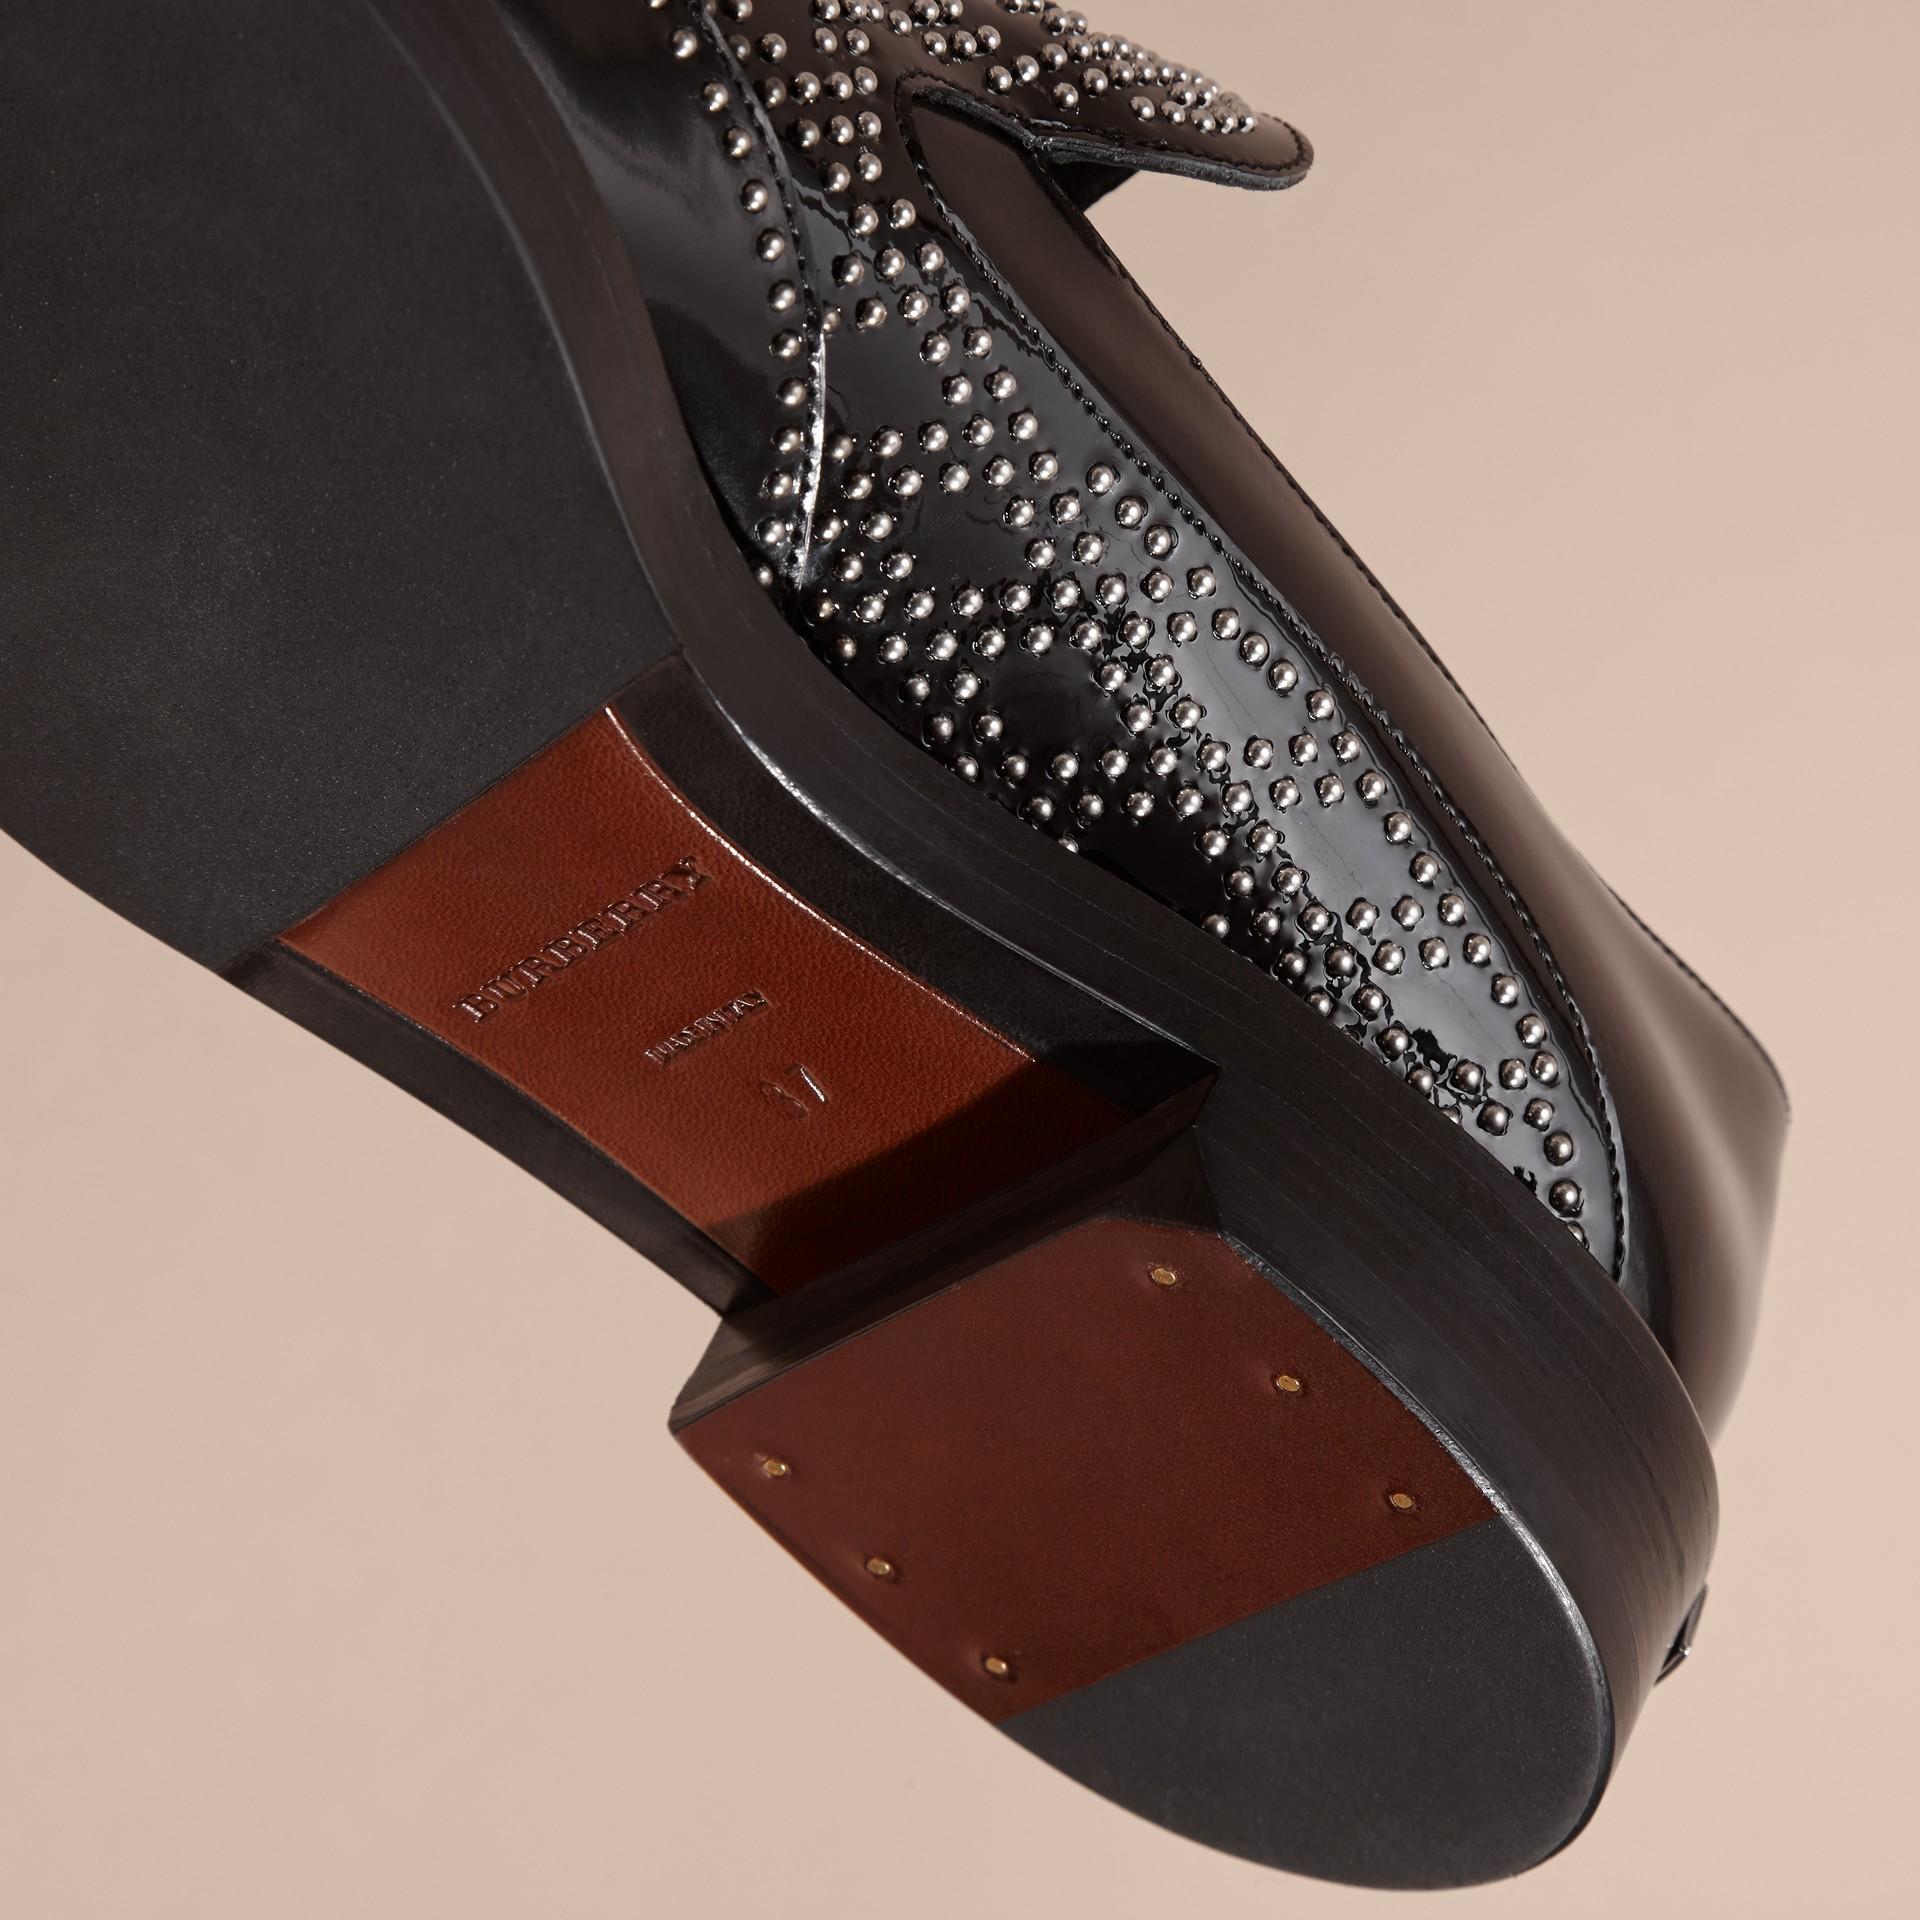 Nero Mocassini in pelle con borchie e nappe - immagine della galleria 2